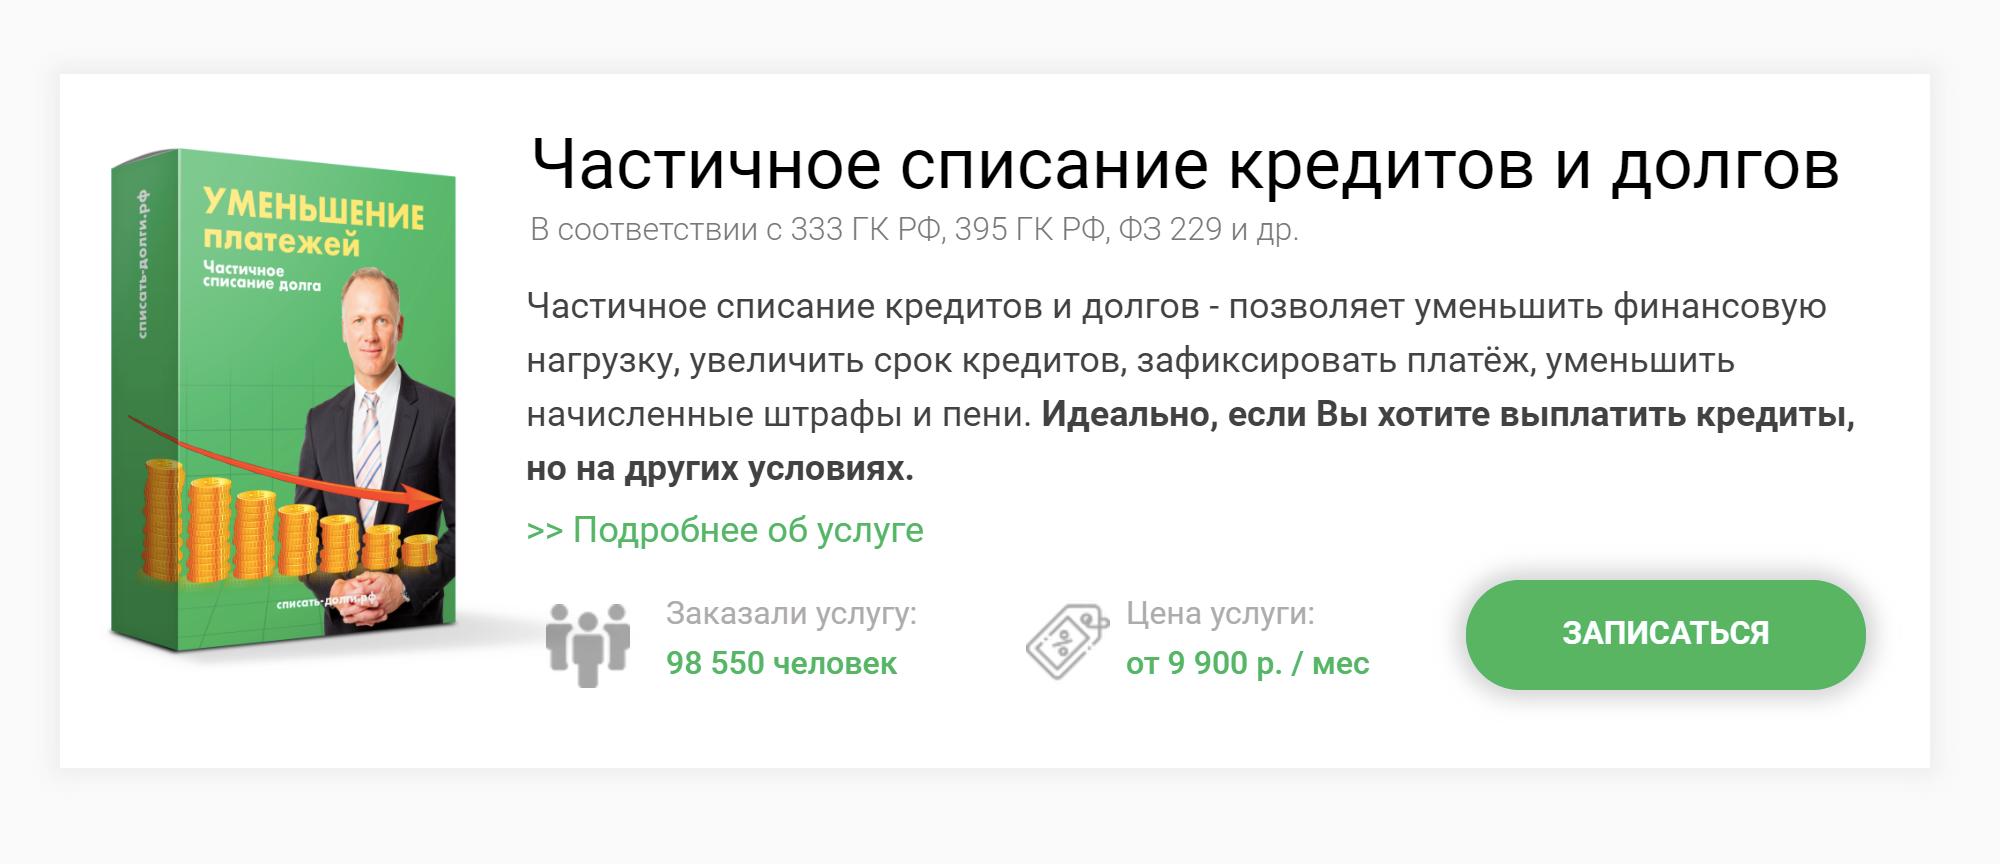 На главной странице сайта название этой услуги — «Частичное списание кредитов и долгов», а в разделе тарифов онаже называется «Уменьшение платежей по кредитам». Это путает